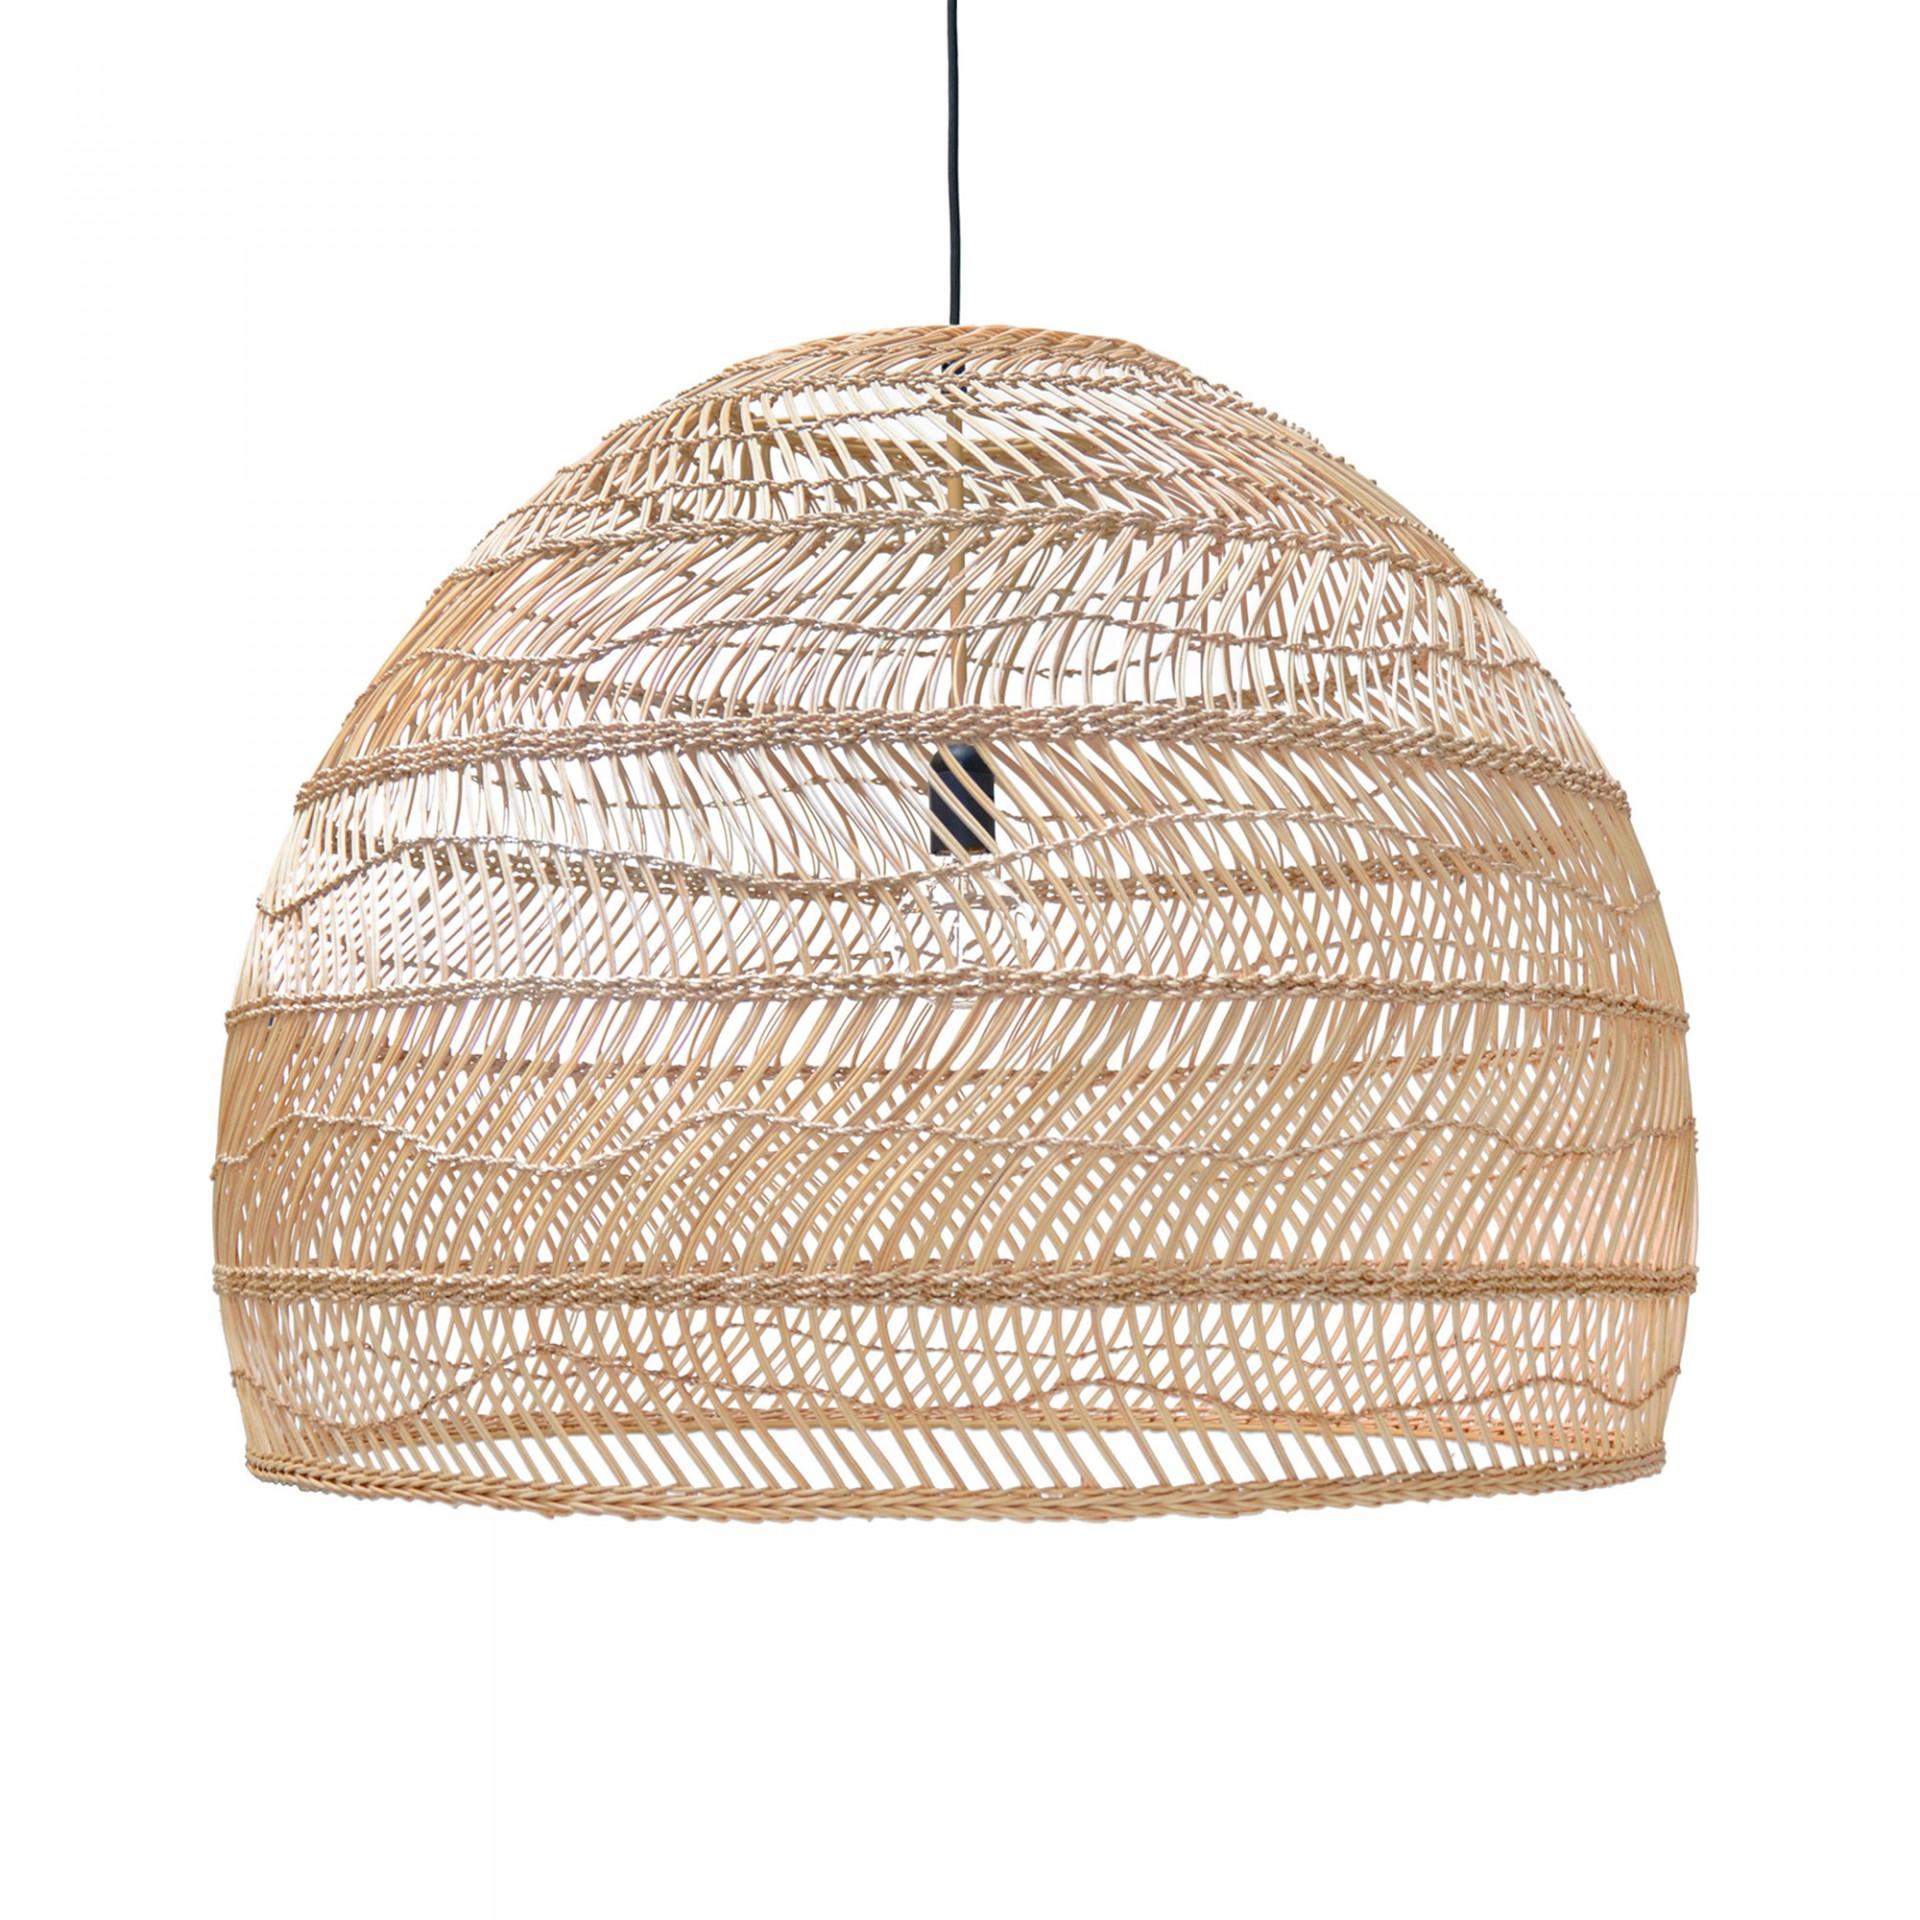 Candeeiro de tecto Ball, rattan natural, Ø80x60